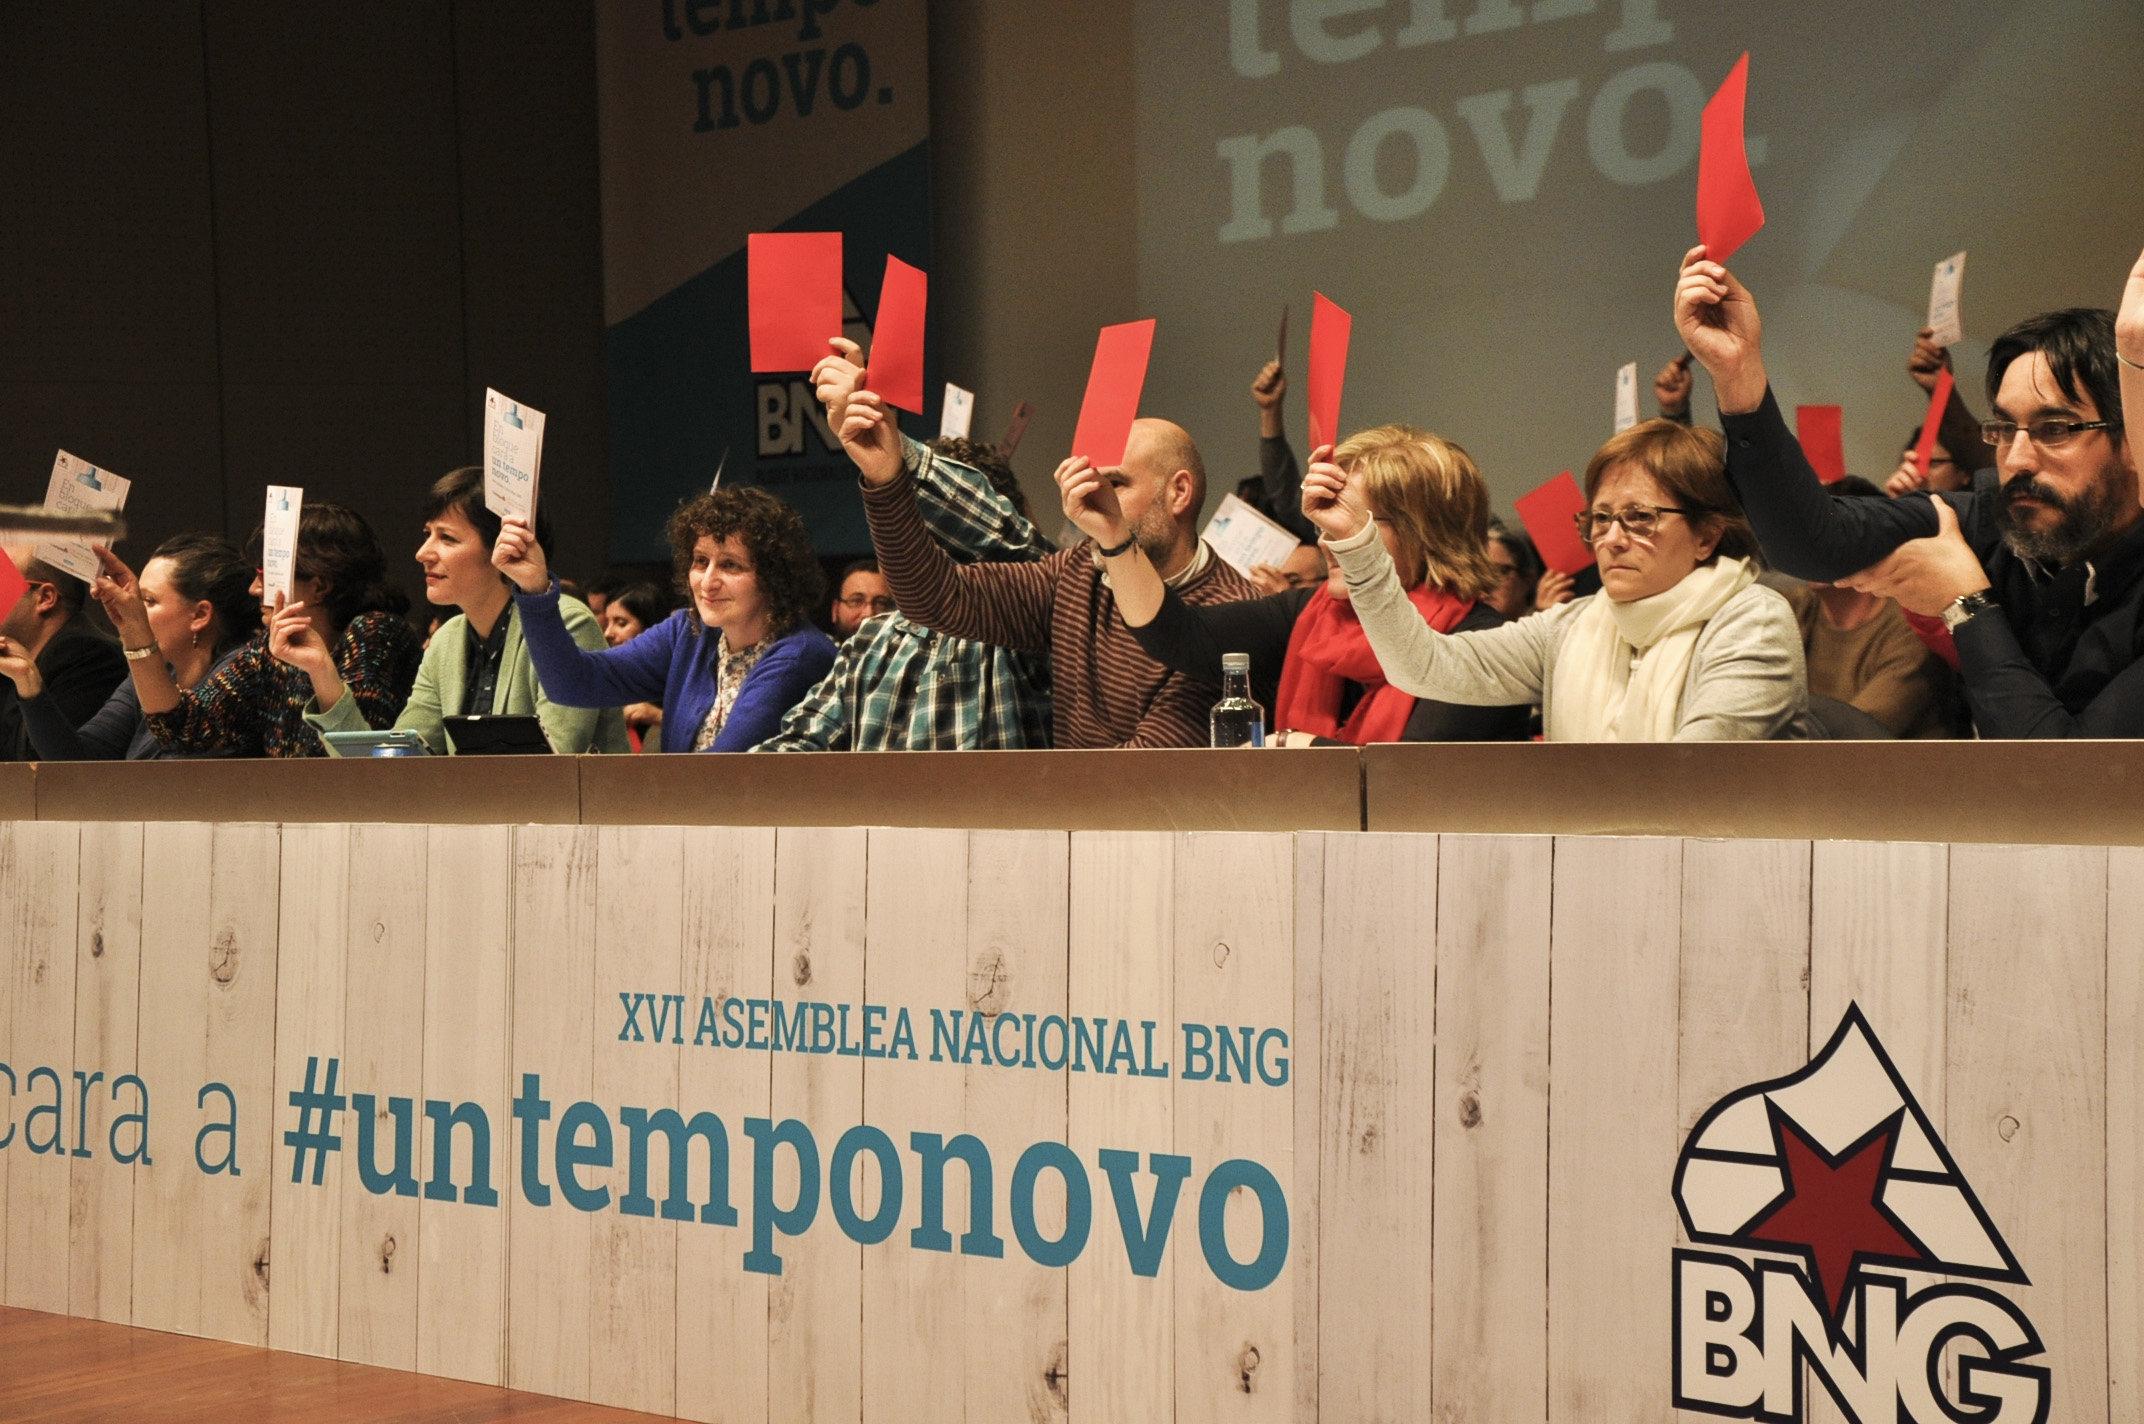 Ana Pontón abre a #BNGXVI homenaxeando á militancia e cun chamamento a agrandar a base social do BNG